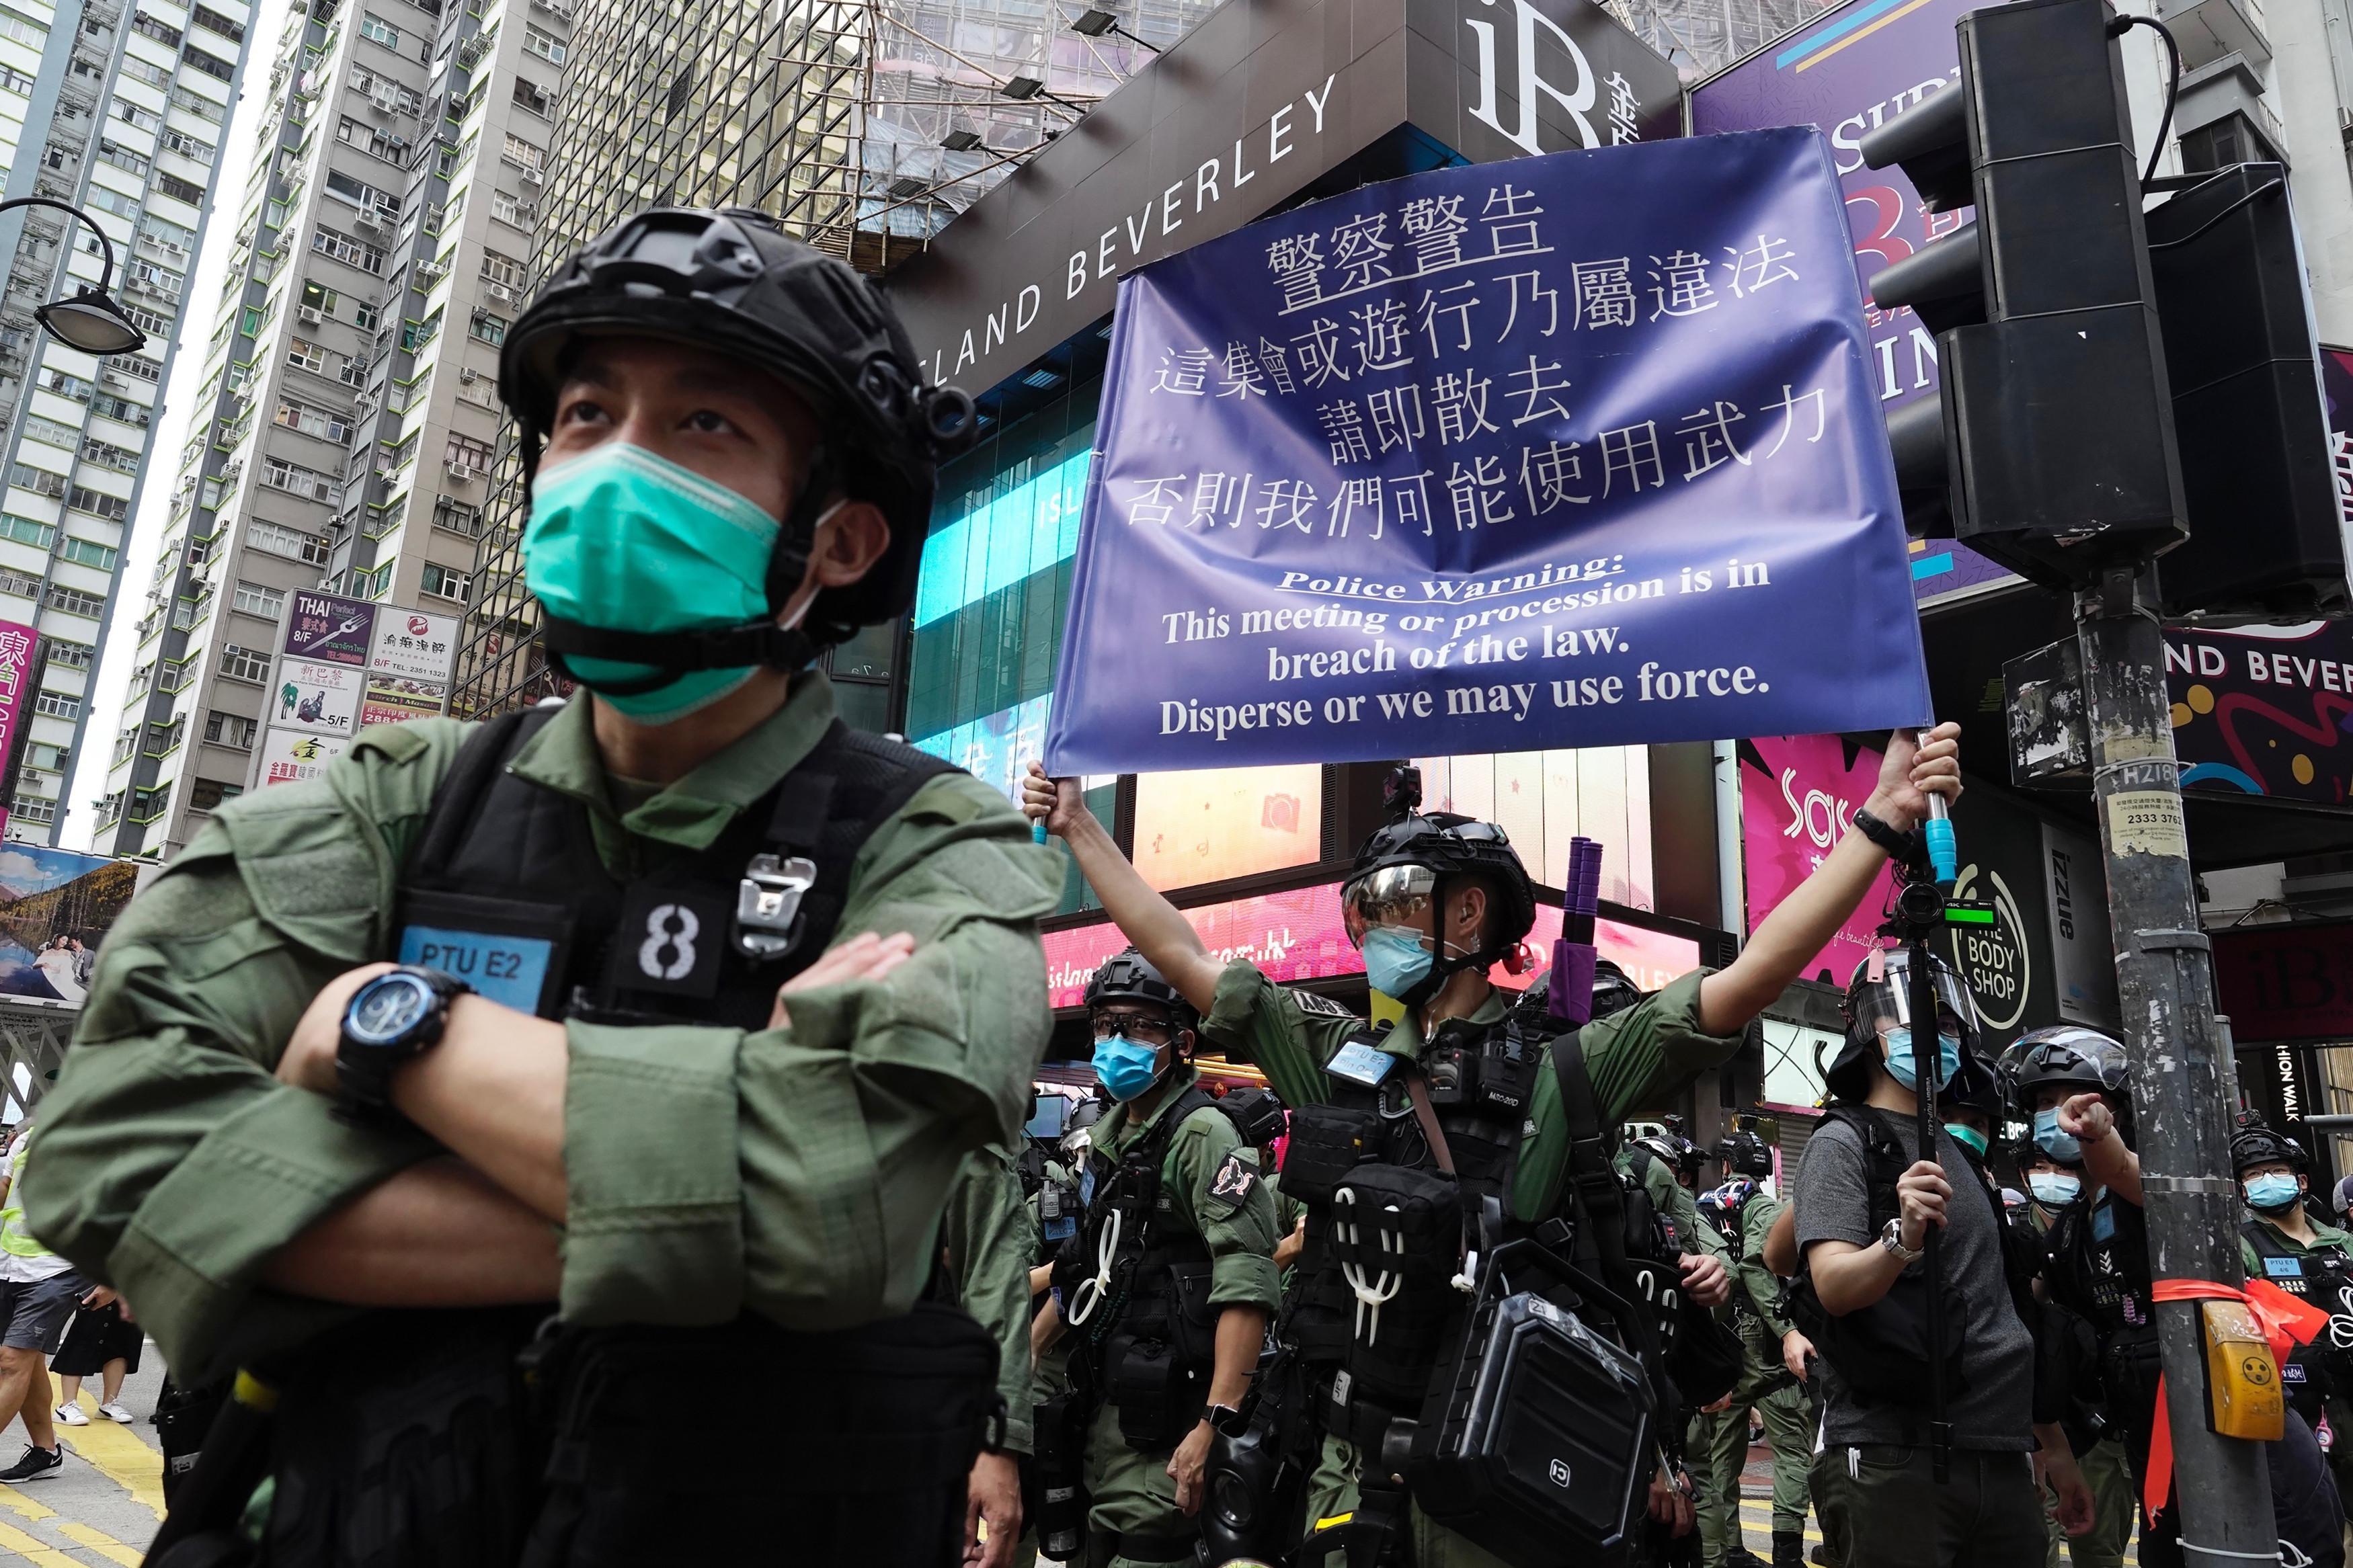 ▲▼香港警方逮捕集會參與者,美國務院表示憤慨。(圖/達志影像/美聯社)